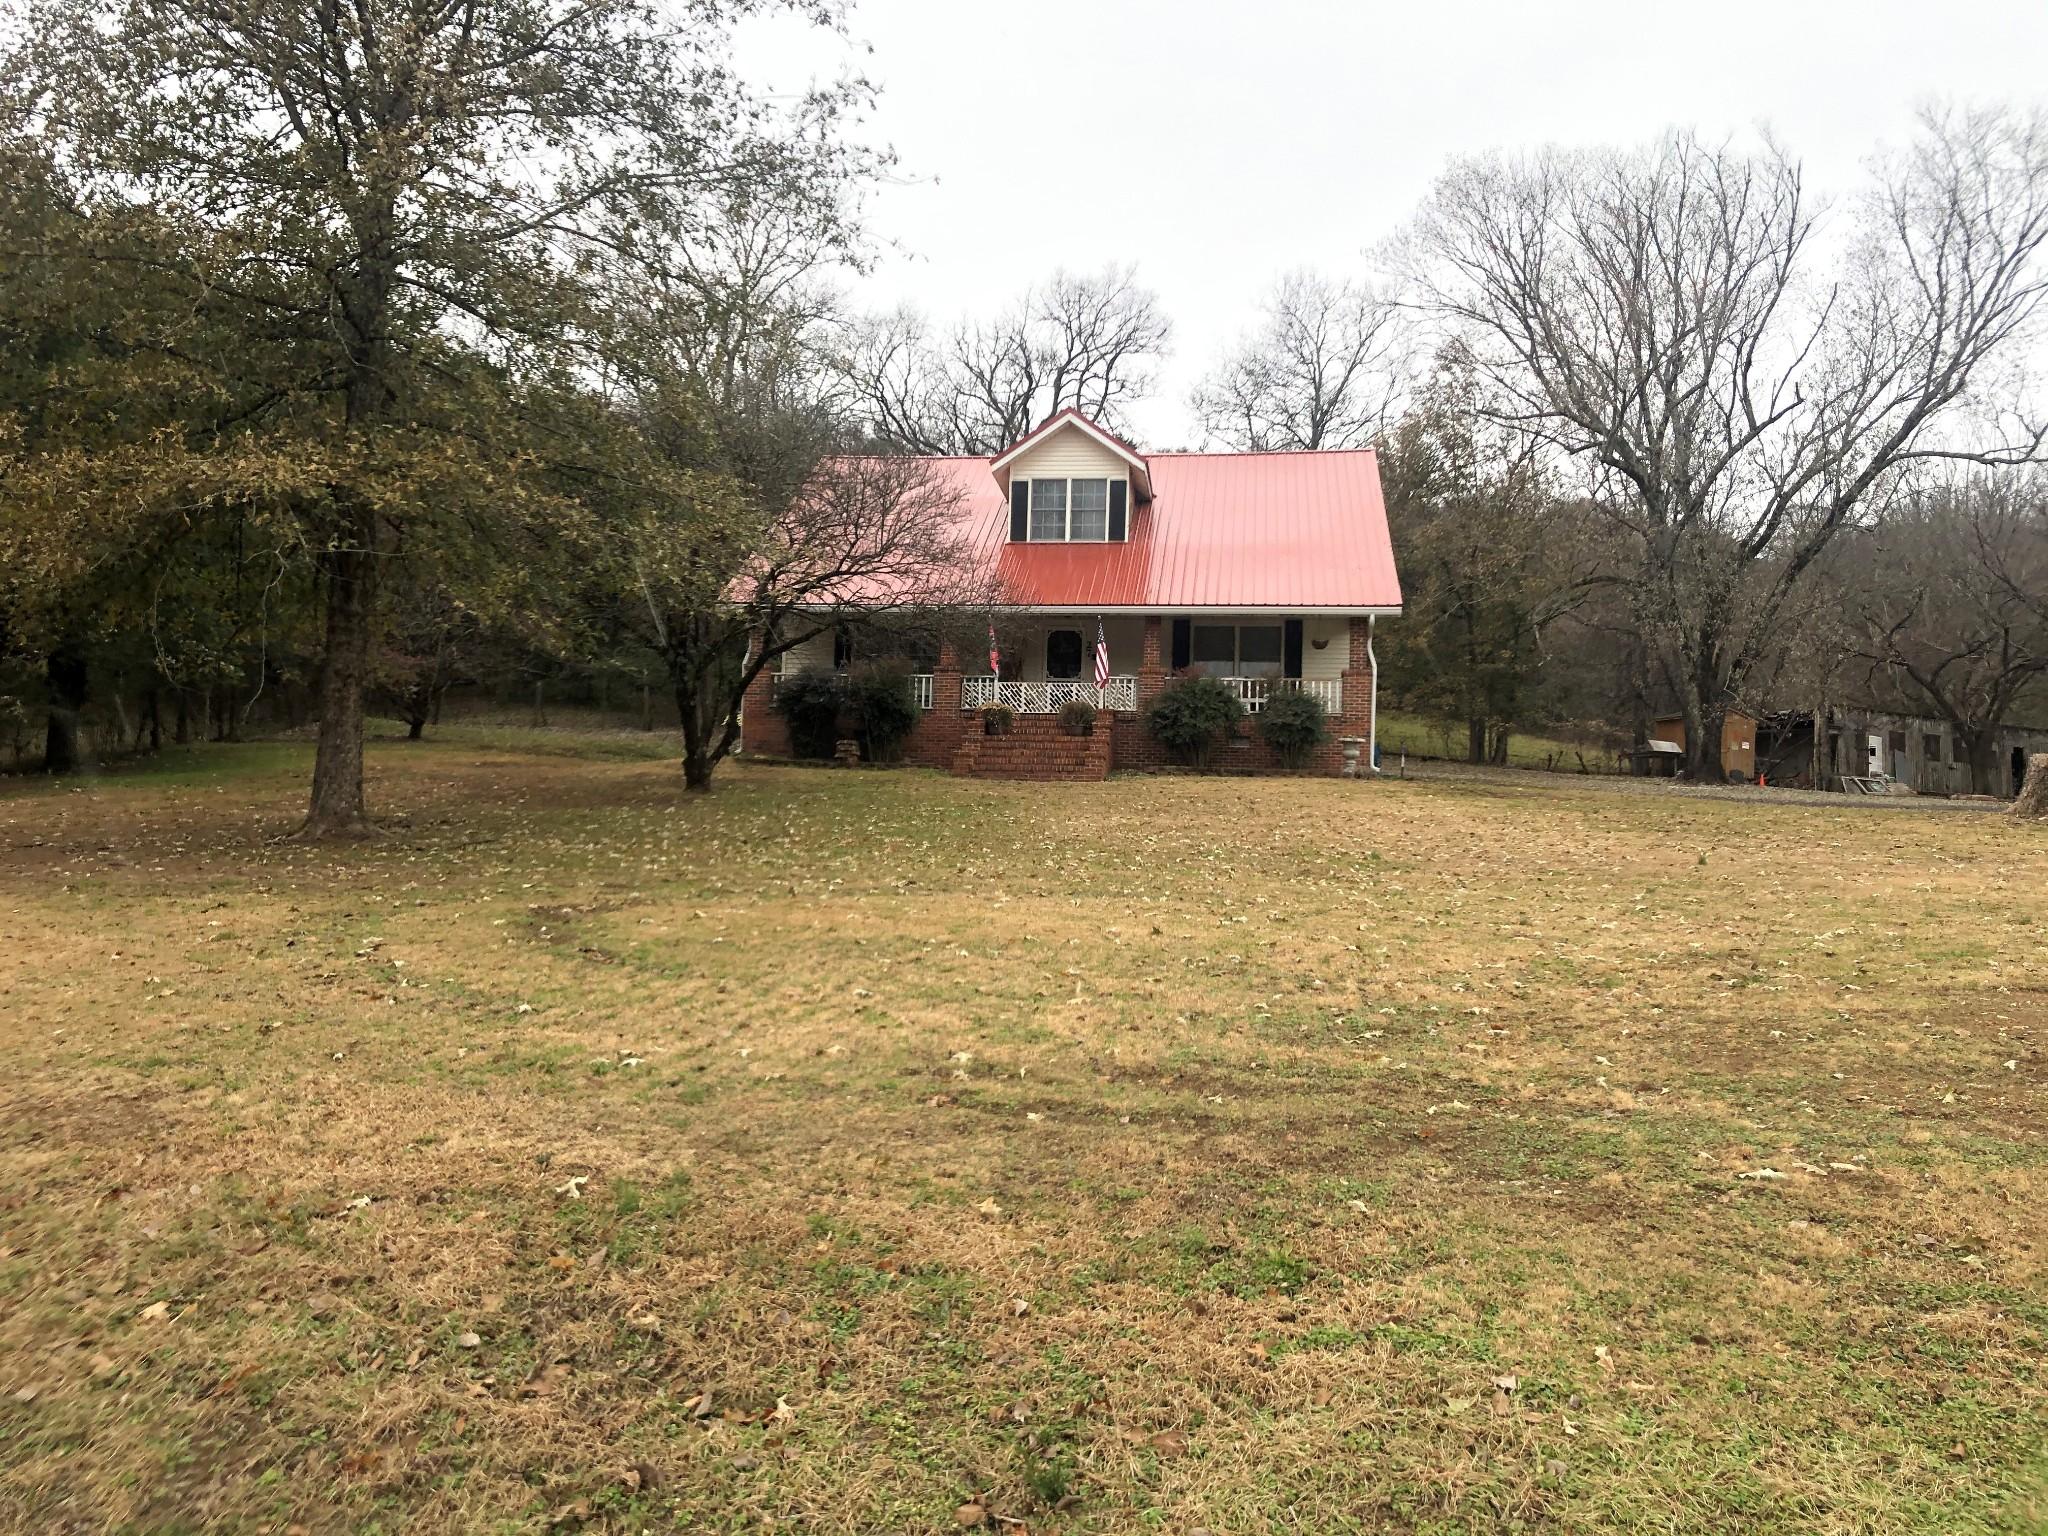 27 Bee Spring Rd, Dellrose, TN 38453 - Dellrose, TN real estate listing